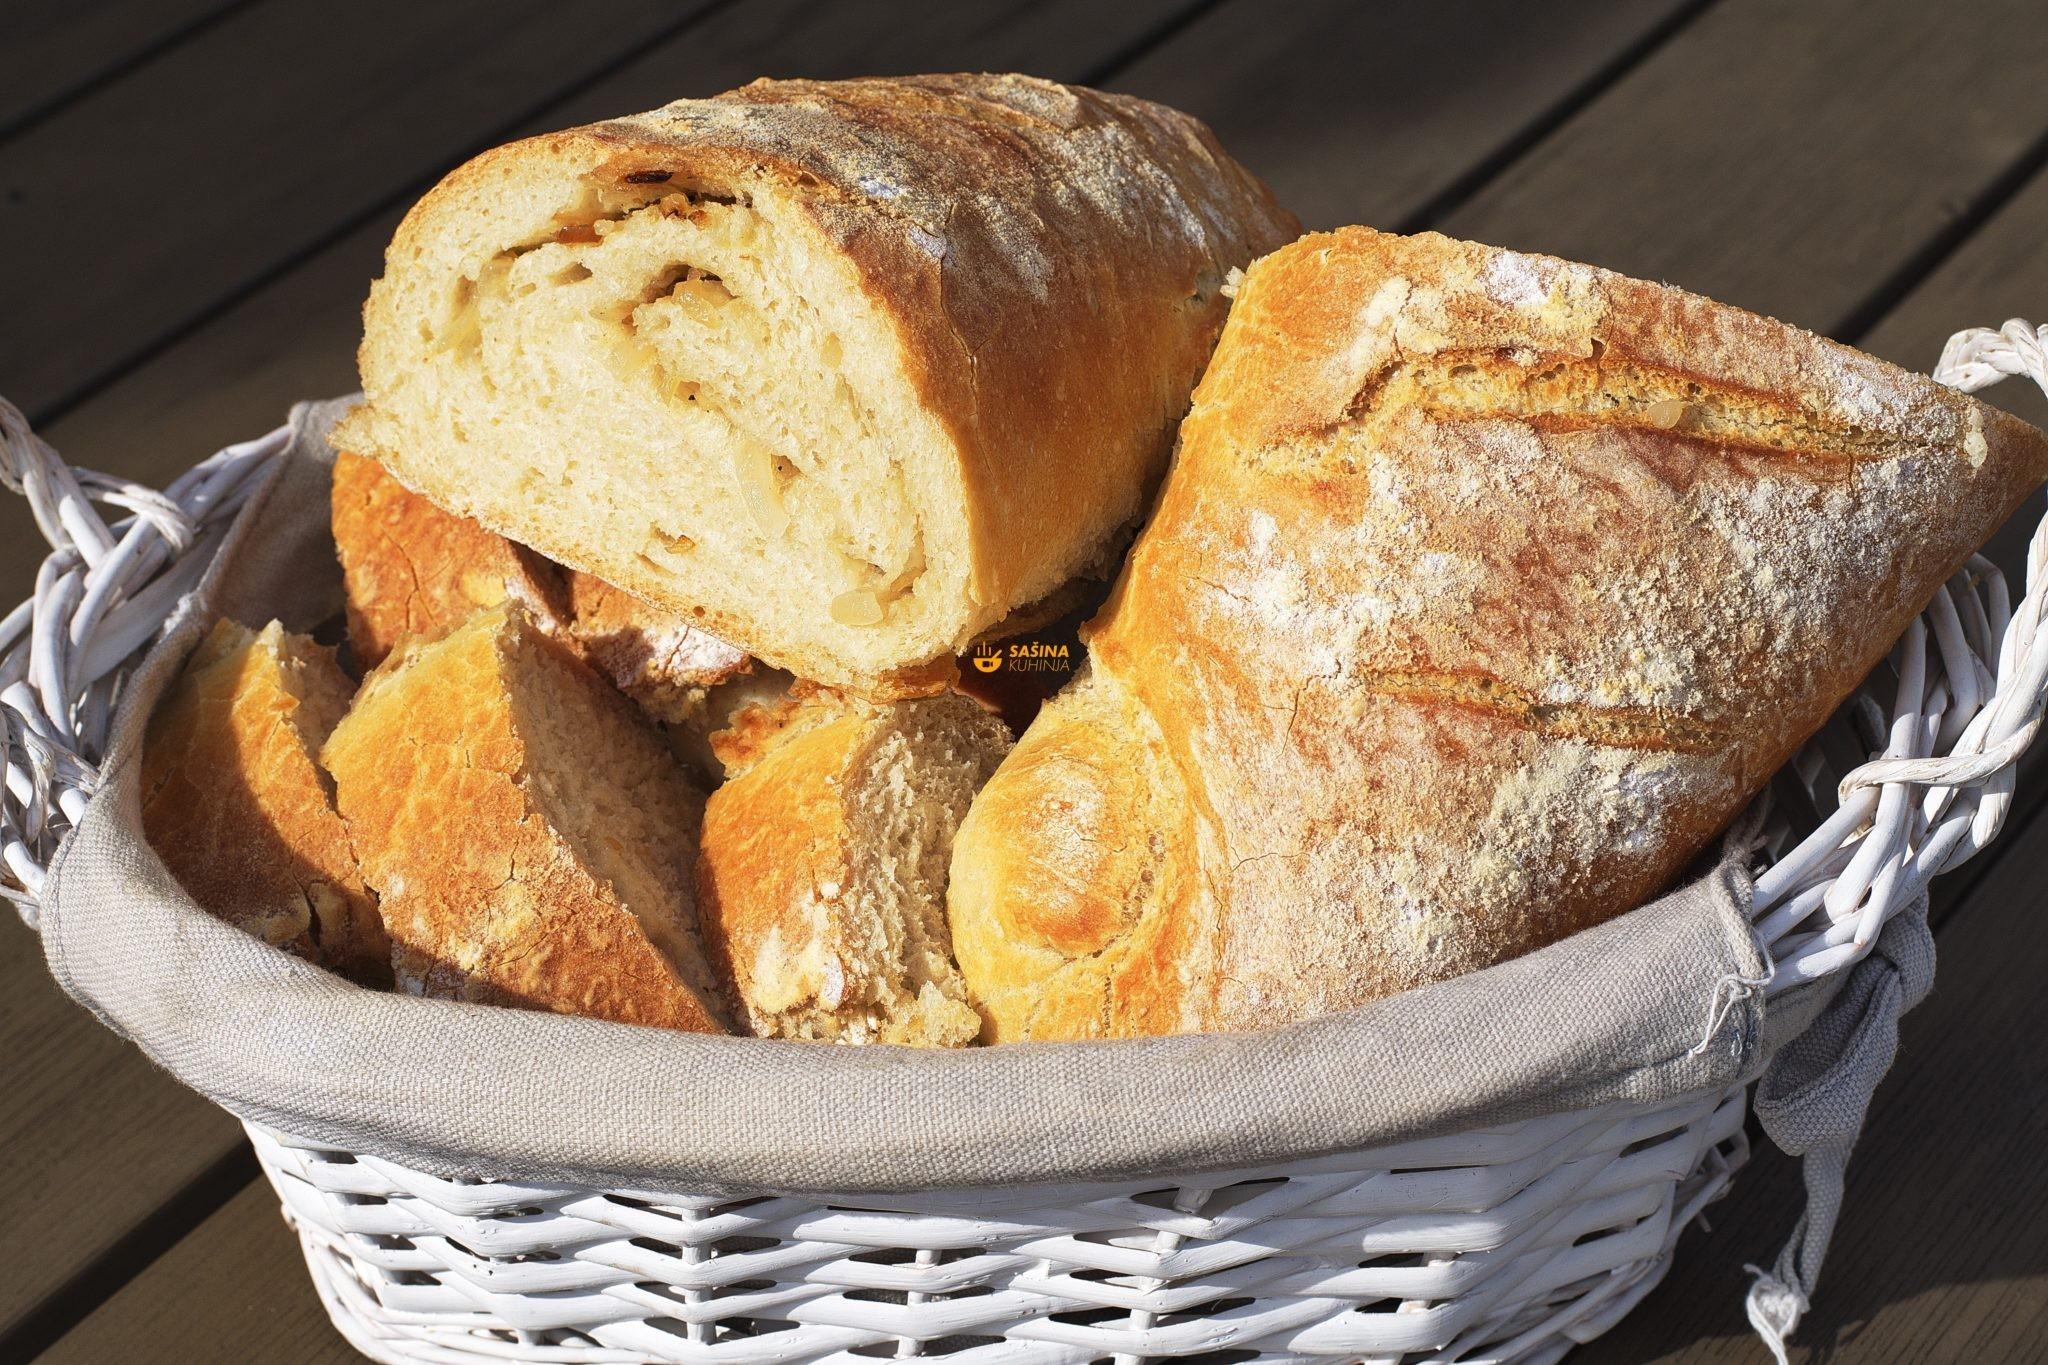 kruh sa uprženim lukom